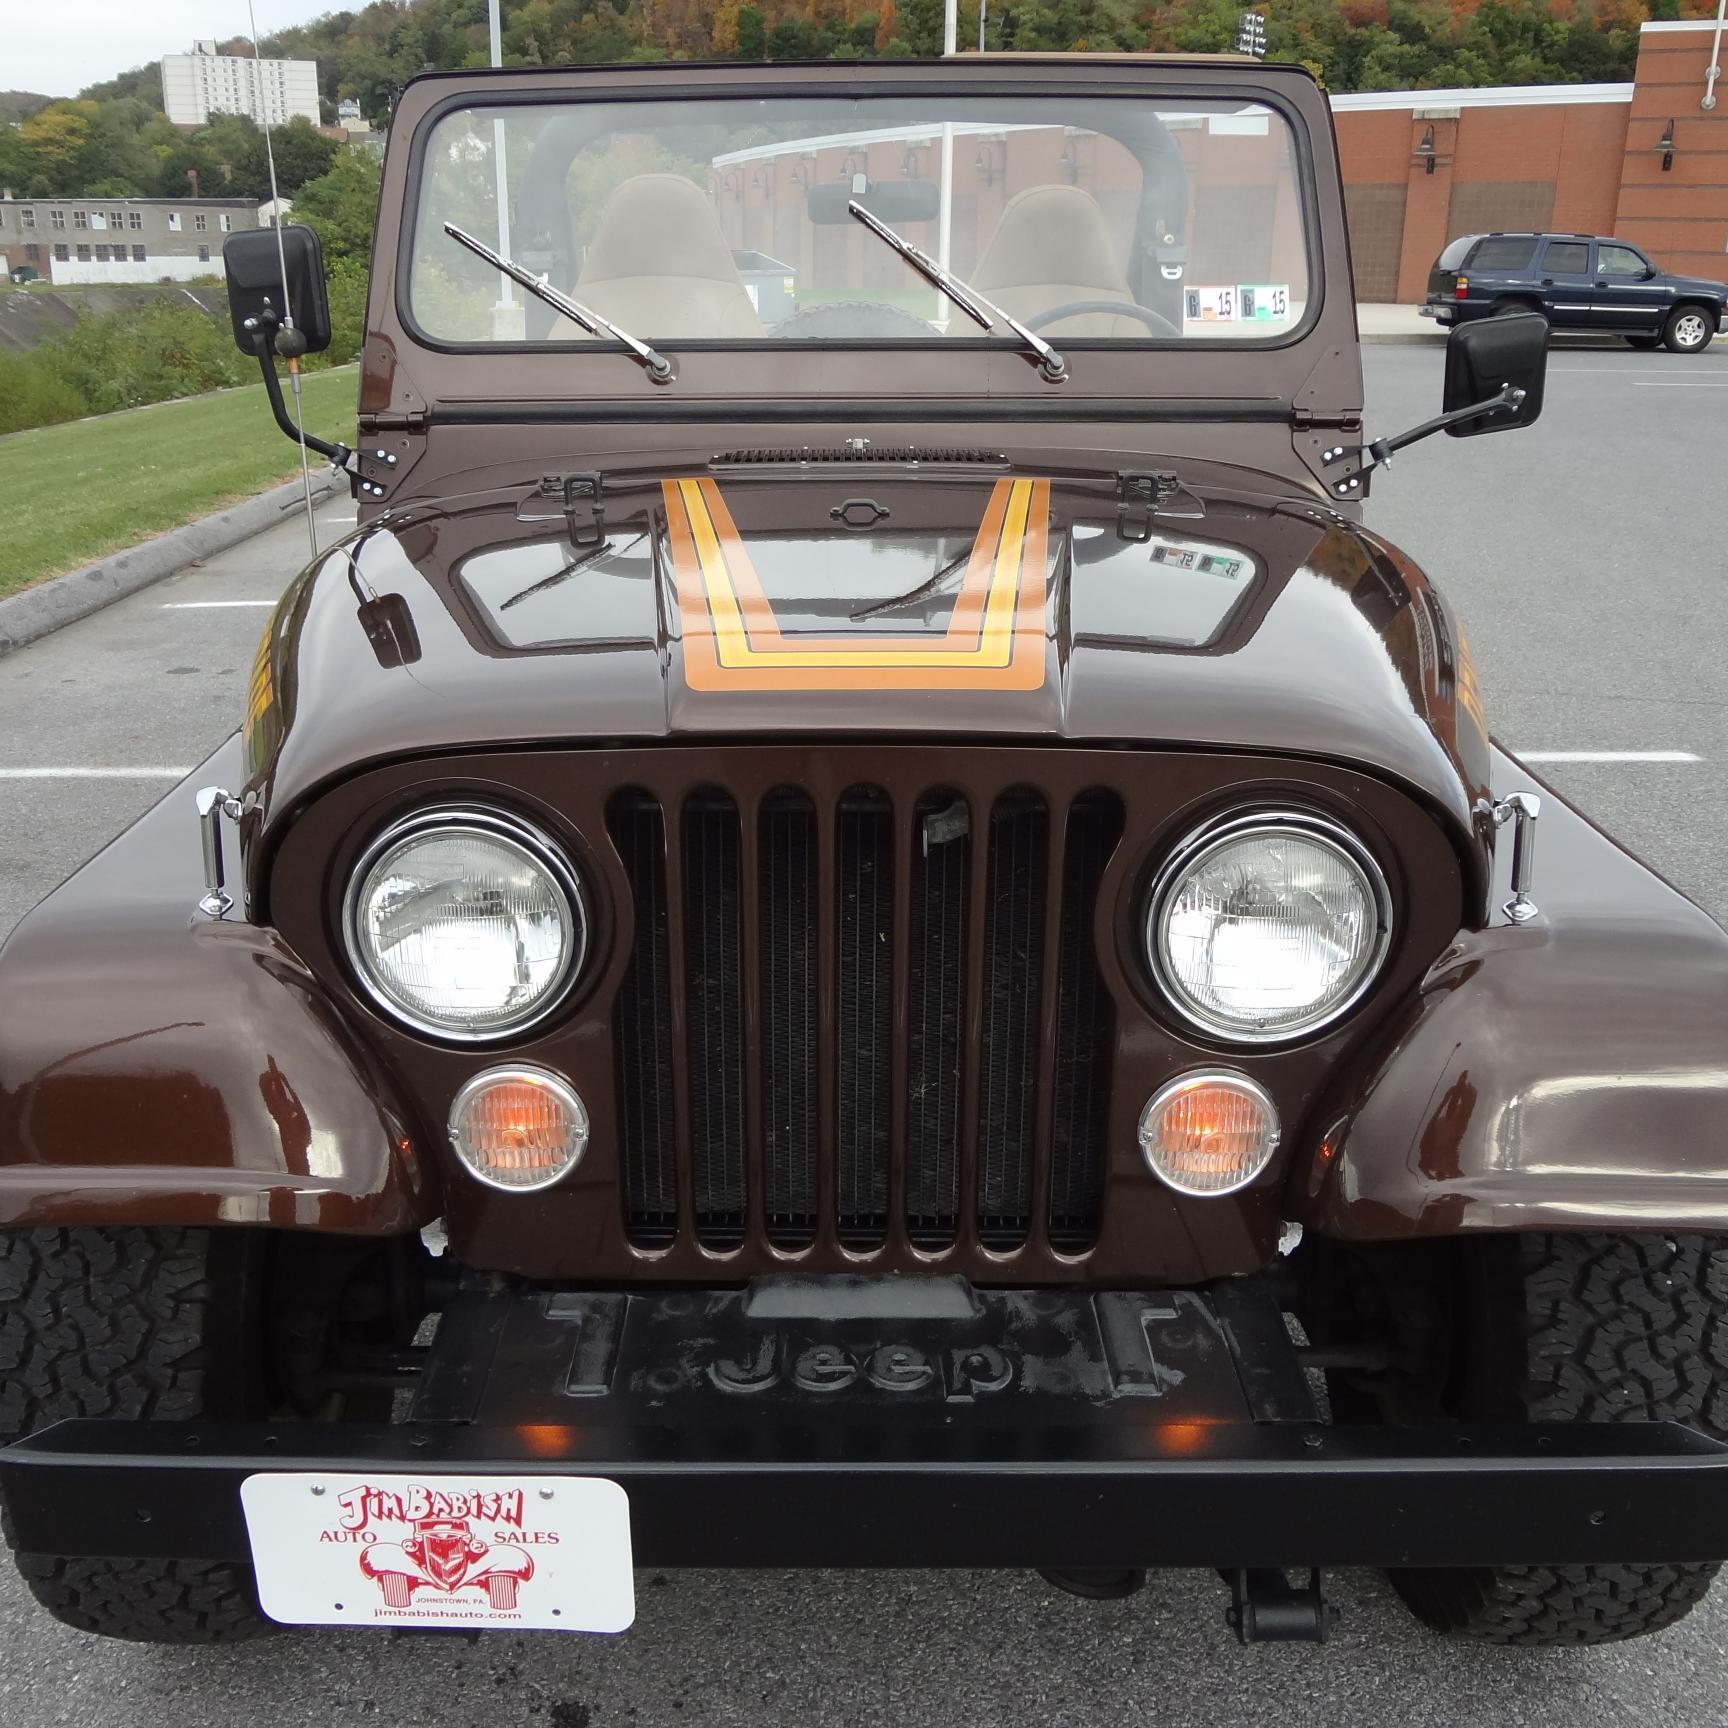 Jim Babish Auto